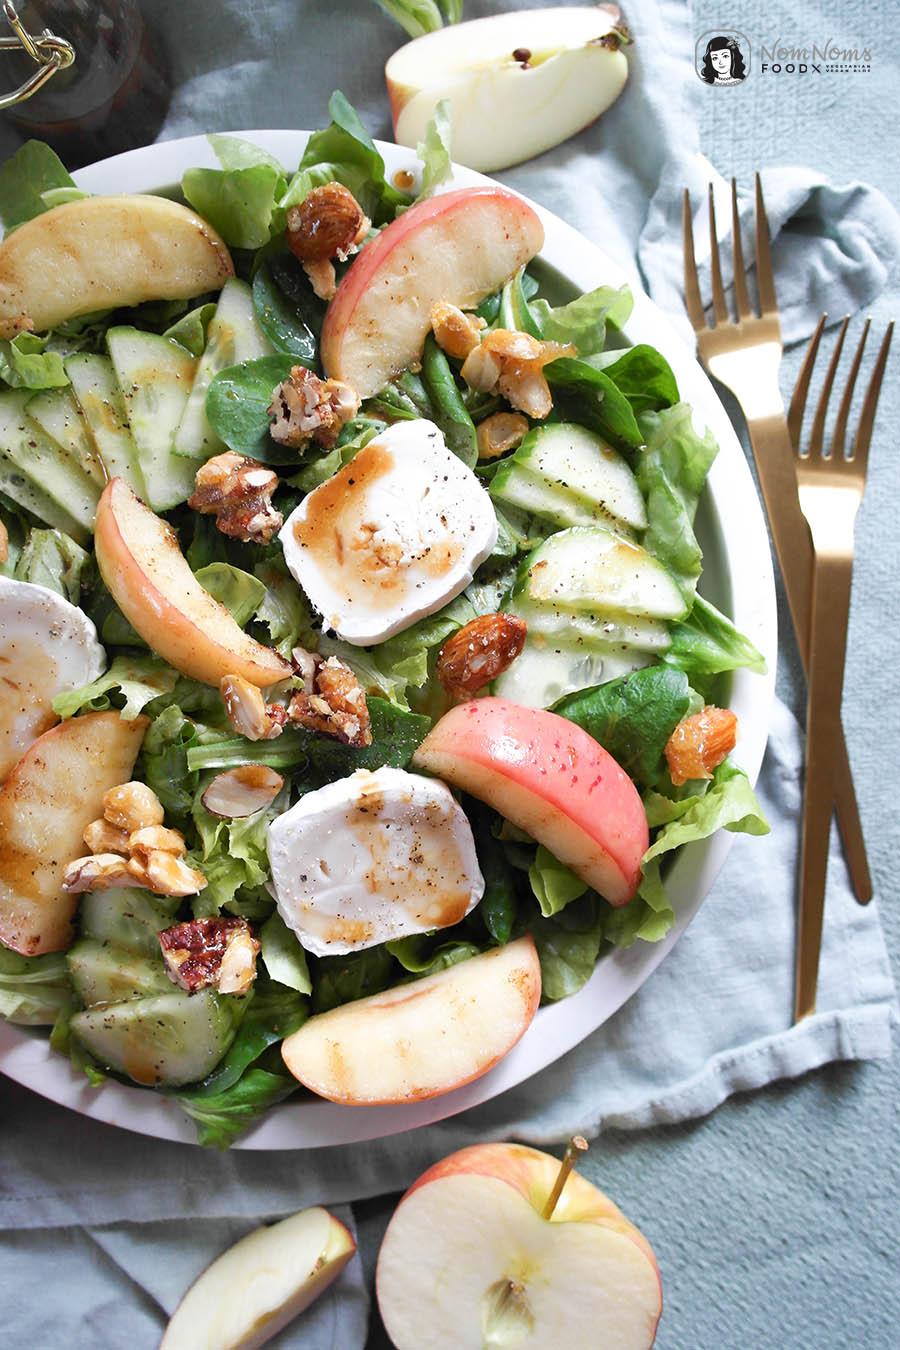 Herbstlicher Salat mit gebratenem Apfel, Ziegenkäse und Ahornsirup-Dressing